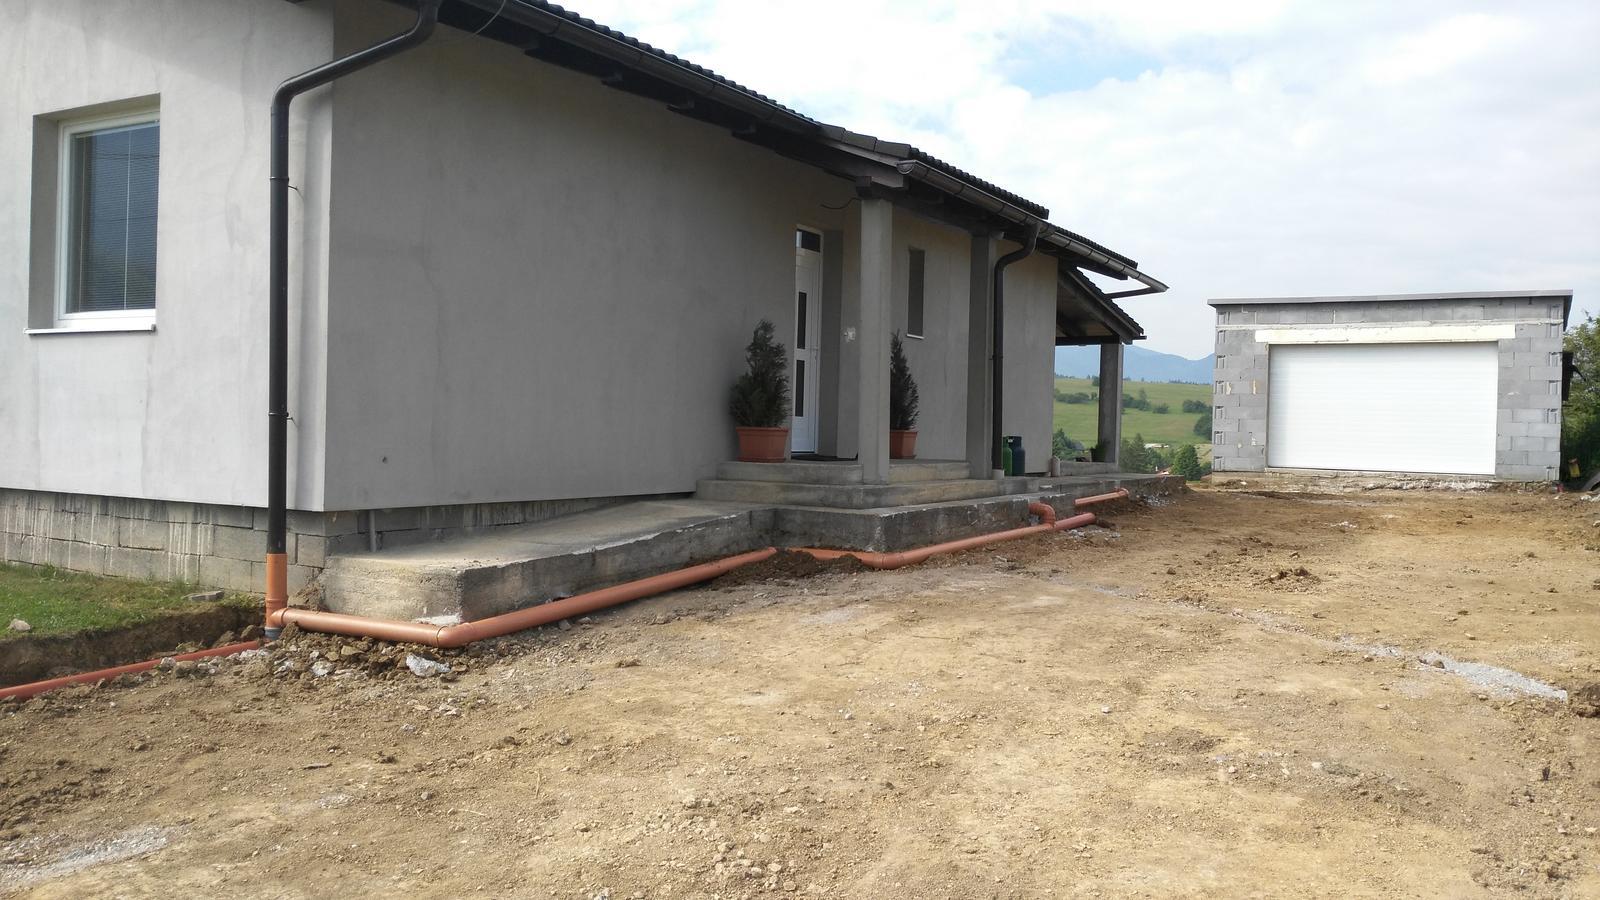 Domček na kopčeku - rury na dazdovu vodu spravene